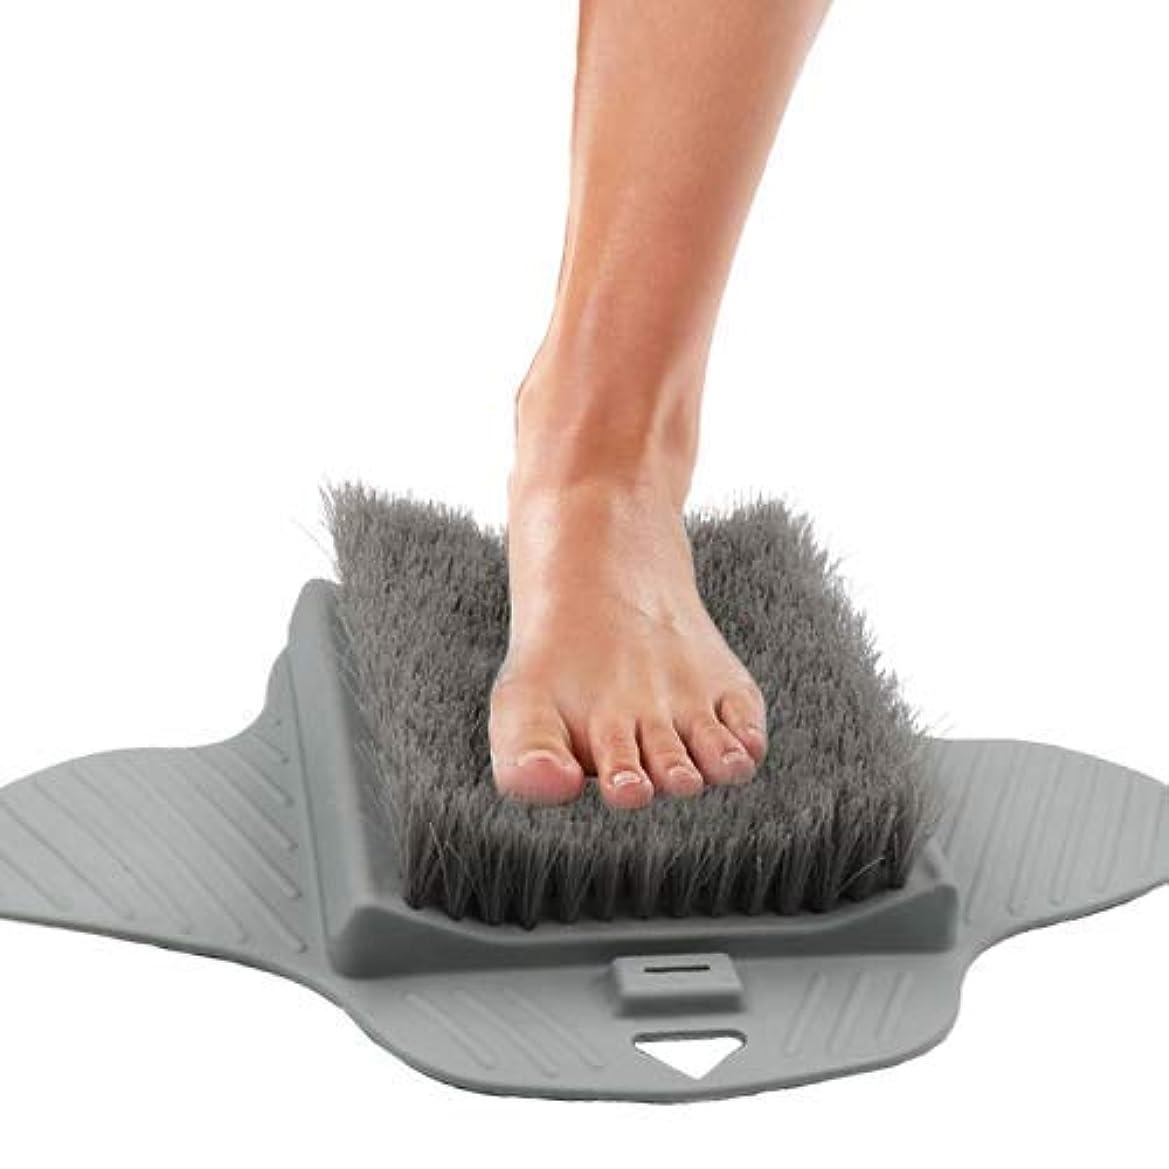 編集する累計ナチュラルJhua 足の裏とカルスを掃除するためのシャワーフットスクラバーバスタブフロアブラシ-滑り止め吸引カップ、指圧マッサージマットフットクリーナー